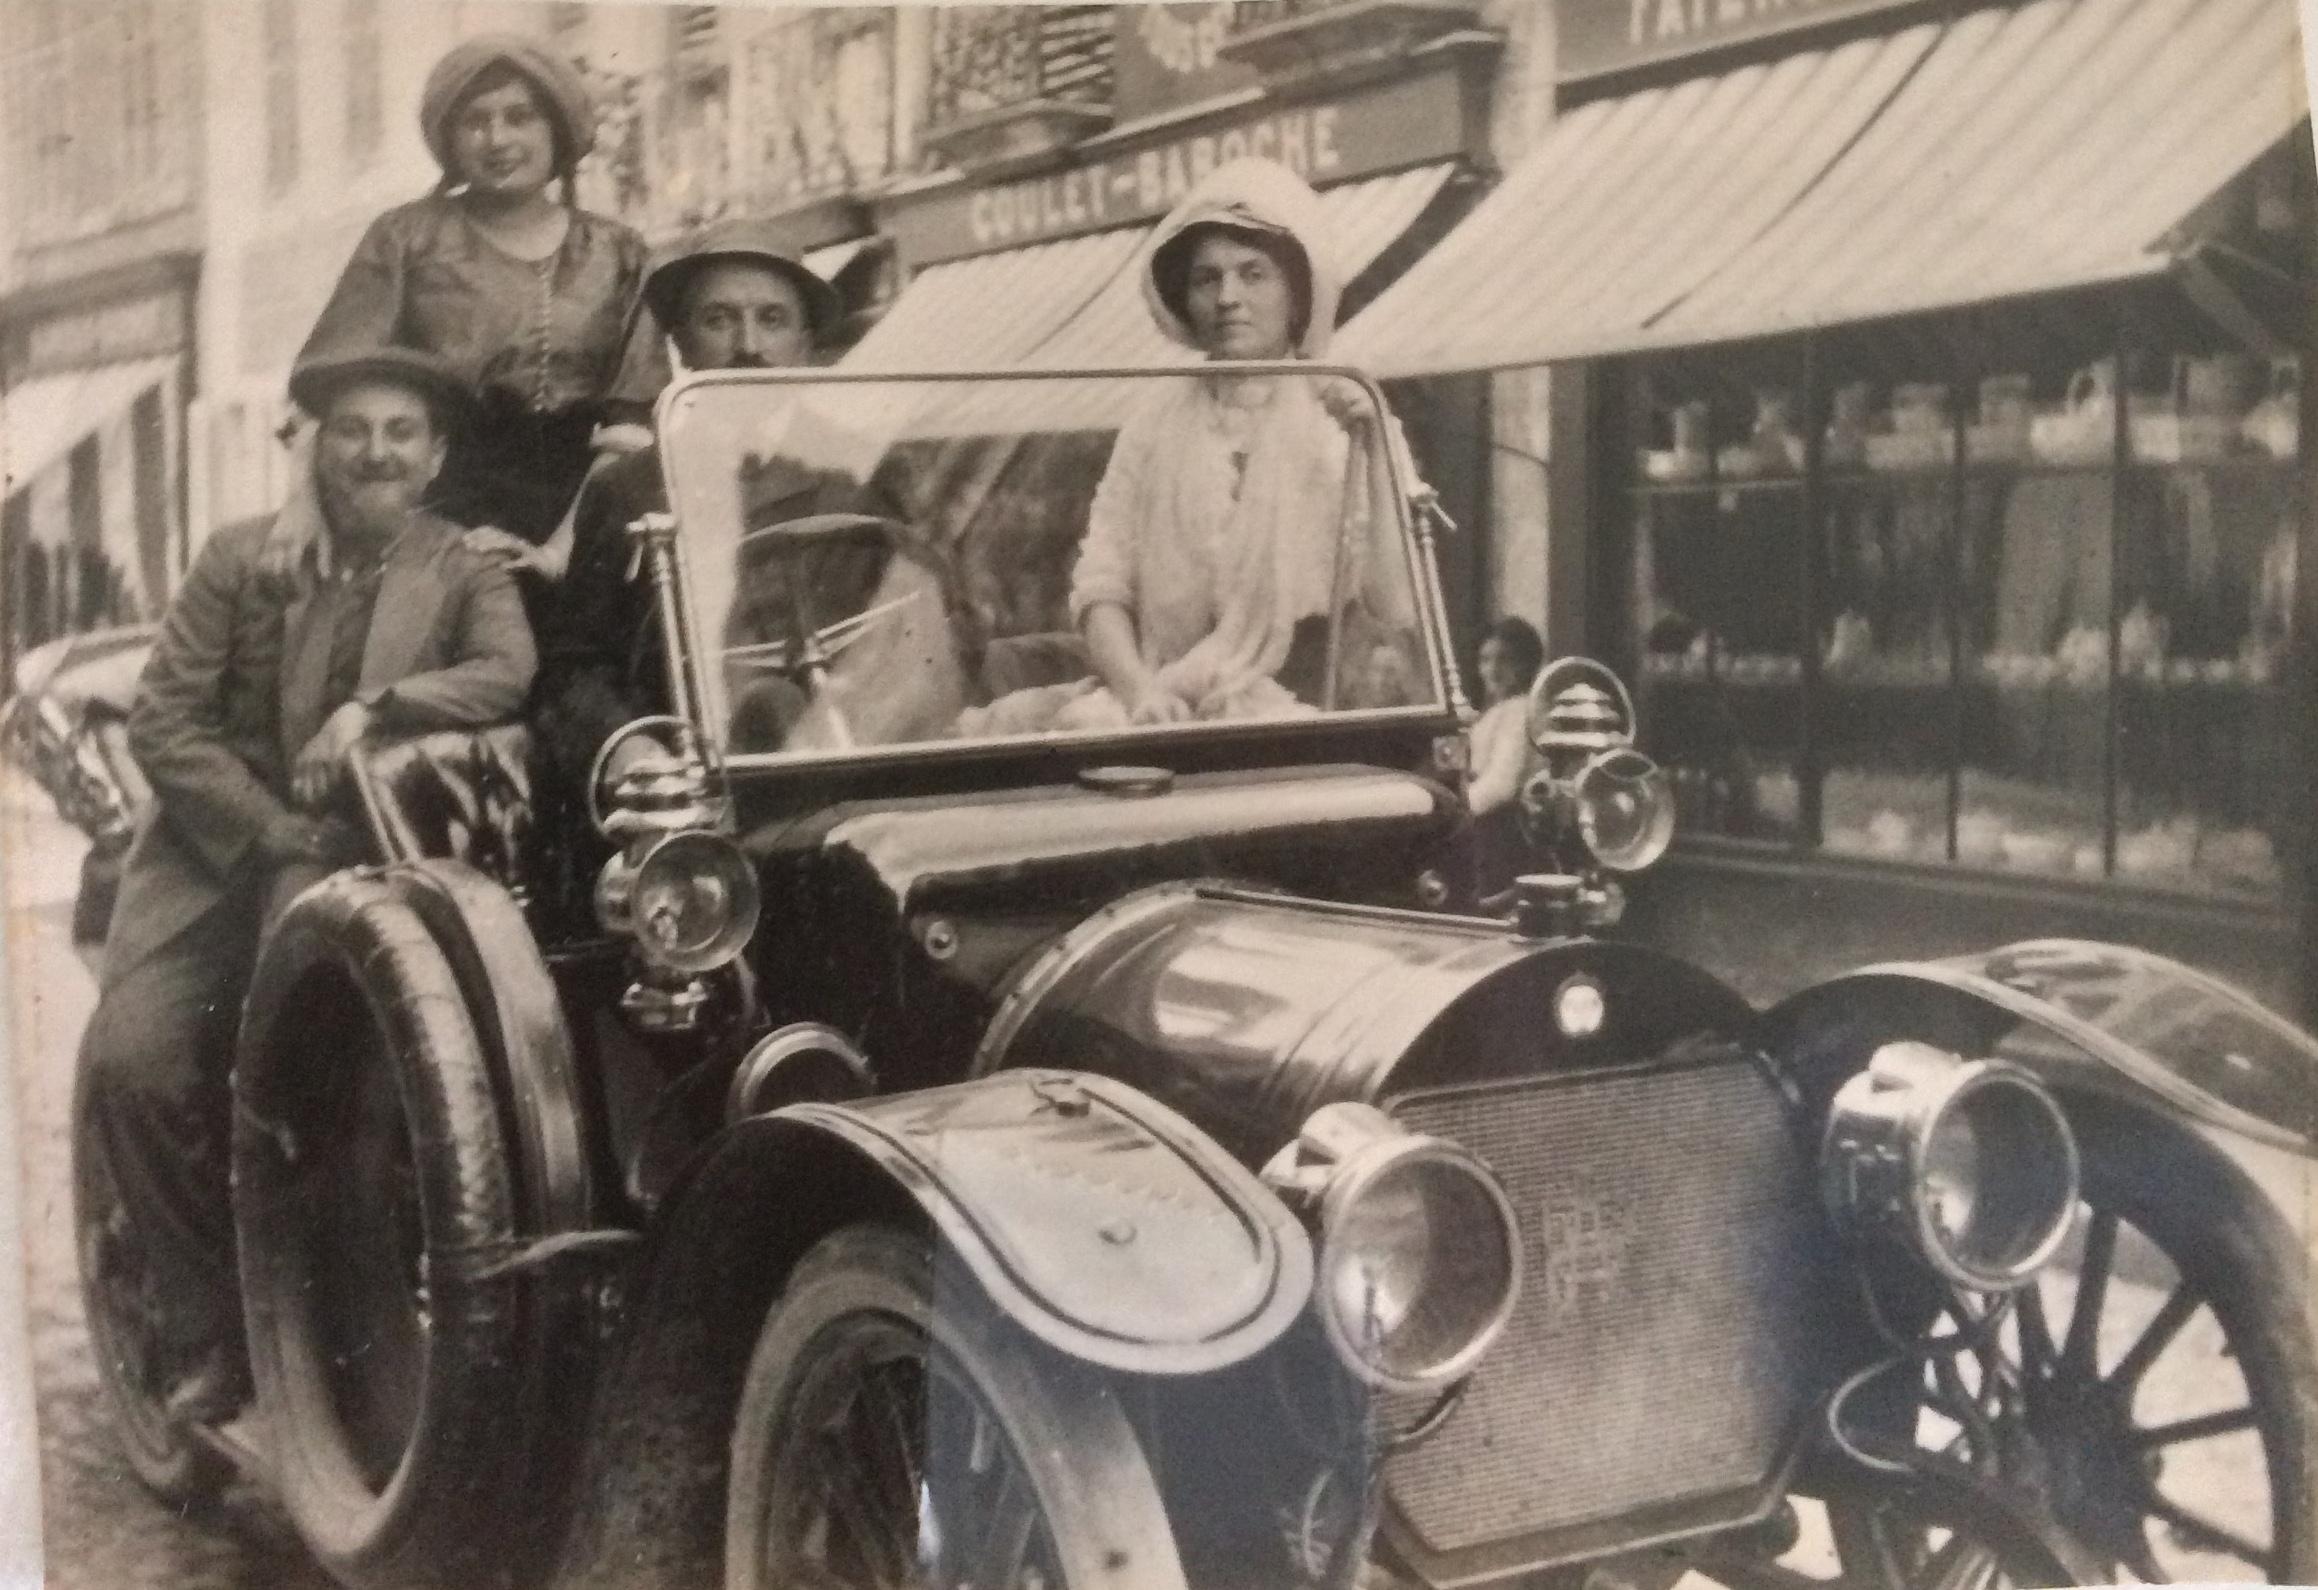 de gauche à droite : Roger, Germaine puis M et Mme Jules NEYRAT Chalon-sur-Saône  © collection particulière  La photo date de 1912 juste après le mariage de Roger et Germaine